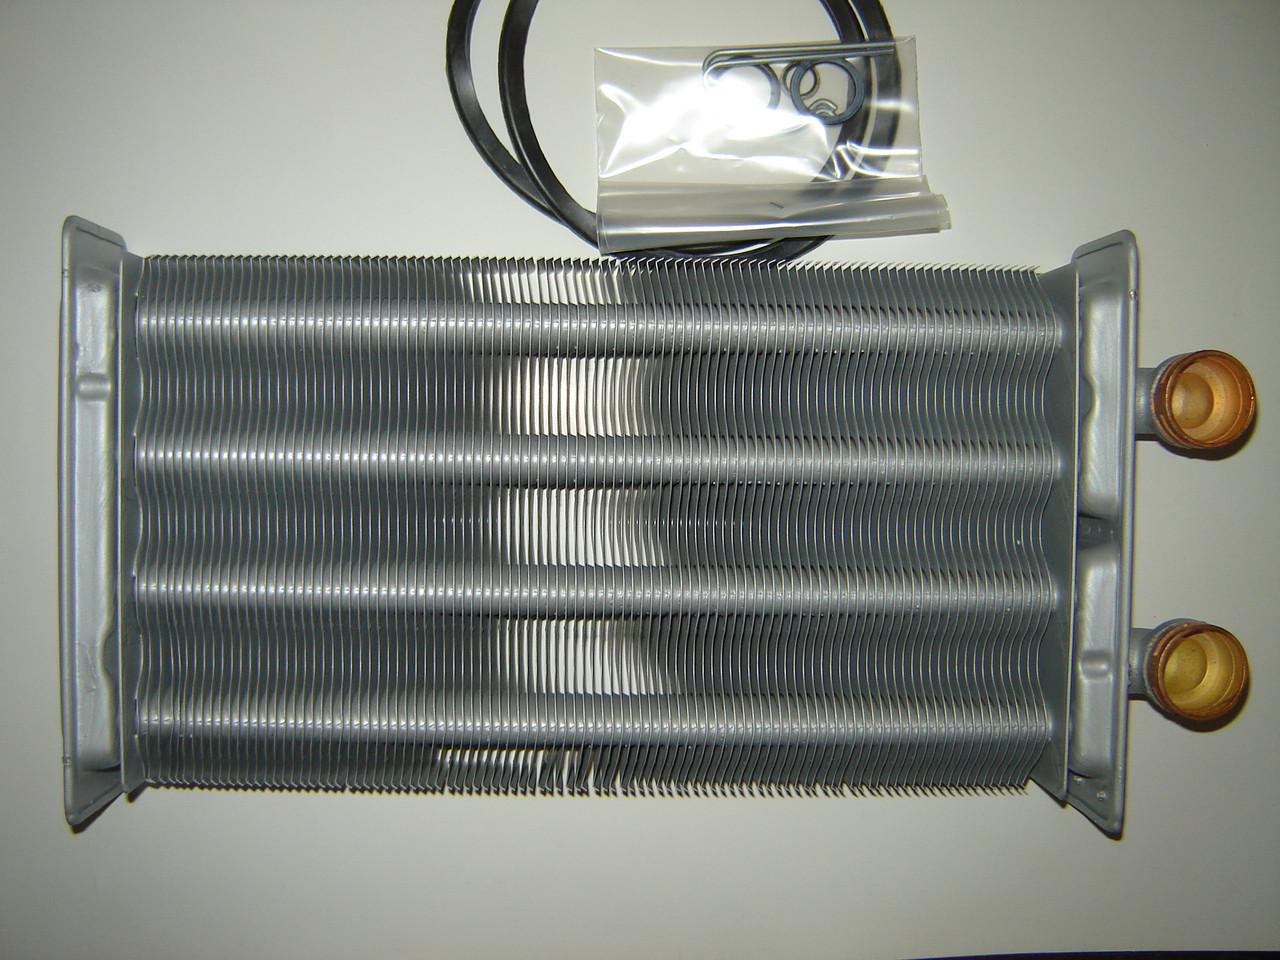 Теплообменник для навесных котлов Пластинчатый теплообменник Kelvion NT 250M Хасавюрт